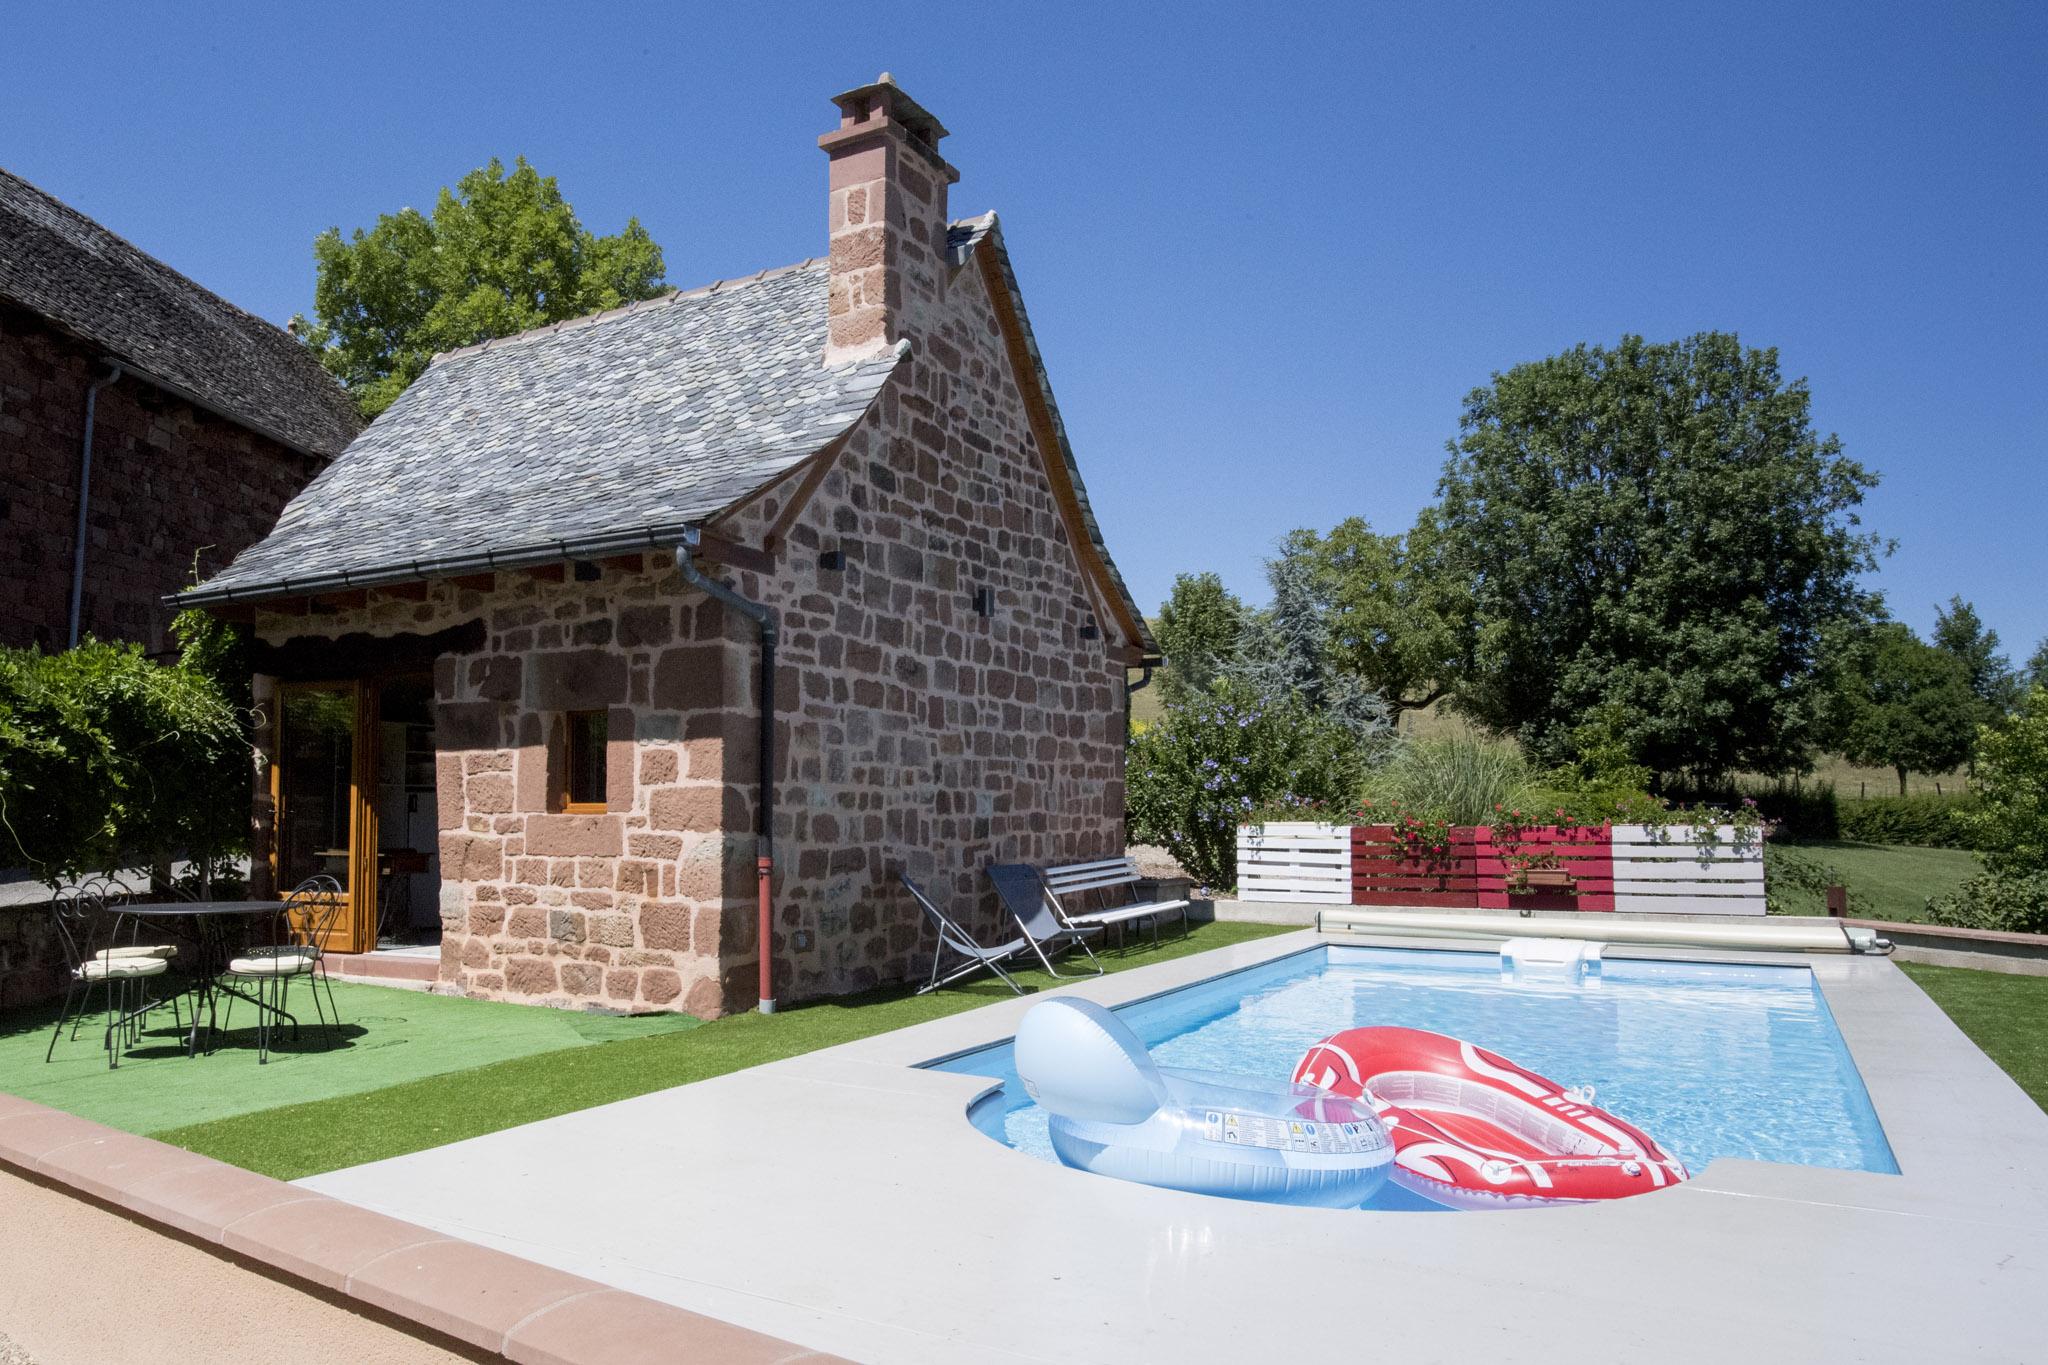 Galerie photos gite 4 toiles 8 personnes avec piscine for Location gite avec piscine aveyron